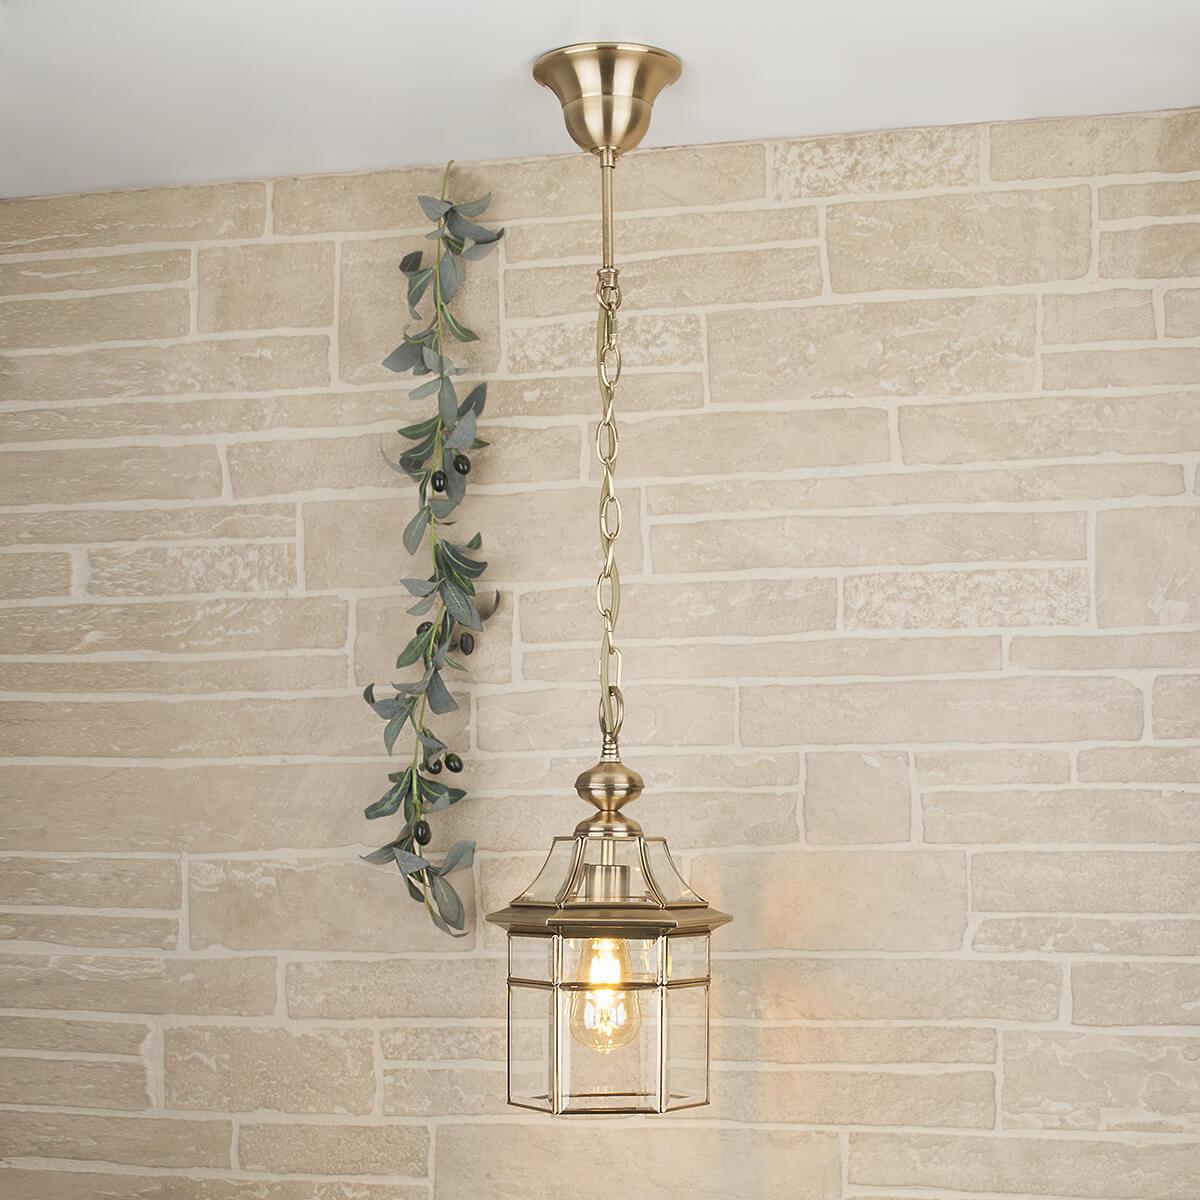 Уличный подвесной светильник Elektrostandard 1031 Savoie H медь 4690389099168 уличный светильник elektrostandard savoie 4690389099168